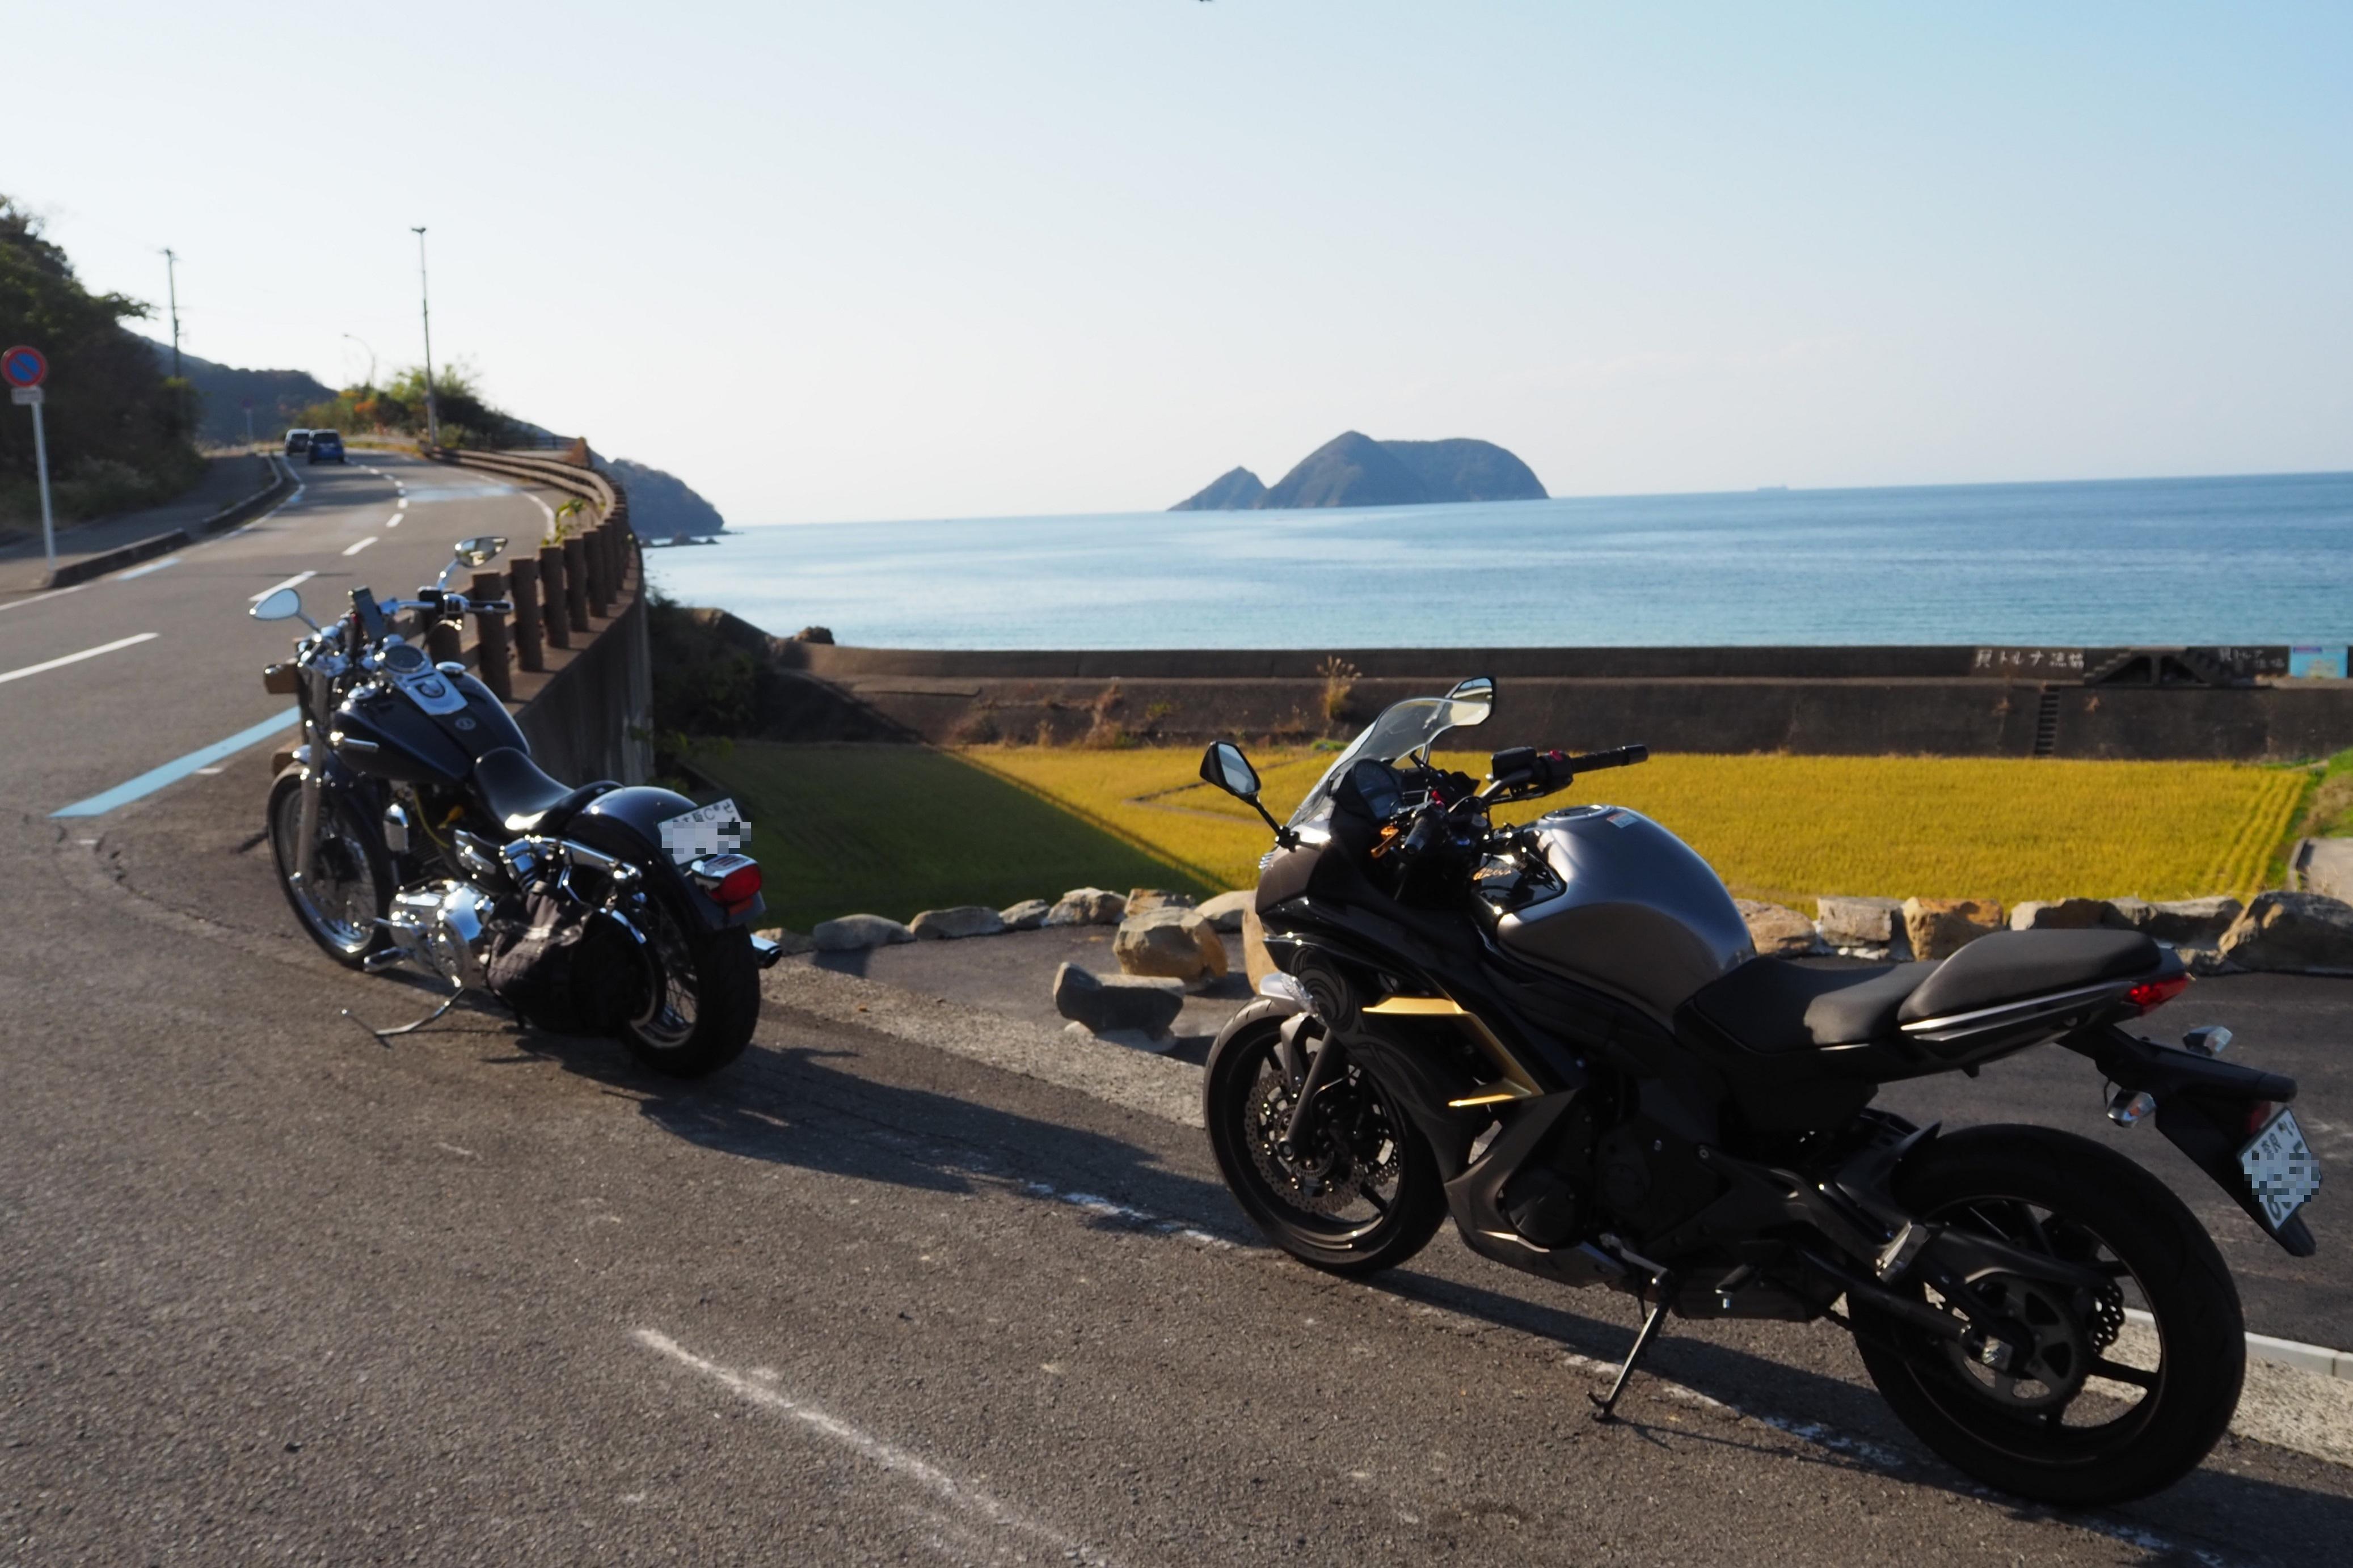 ぴーきち&ダイナ 和歌山湯浅ツーリング 白崎海洋公園の道のり 海沿いの道